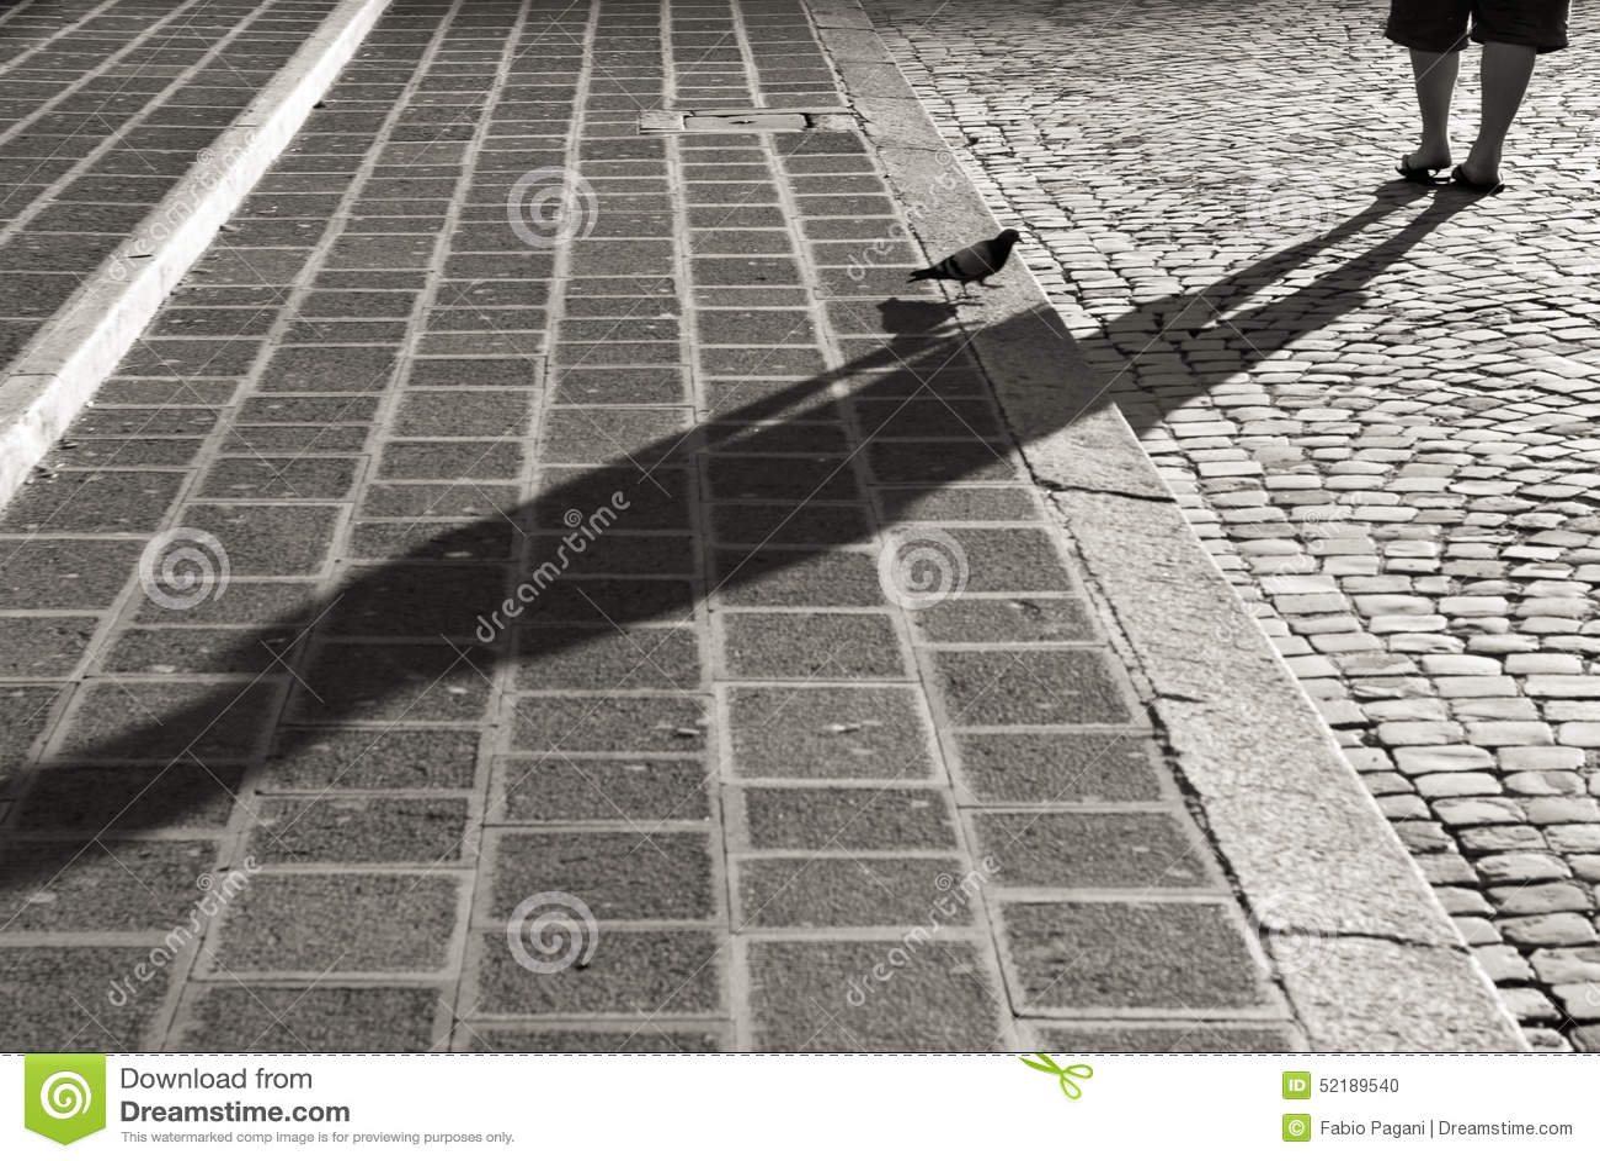 Pigeon sur des escaliers de pavé rond à Rome, noir et blanc